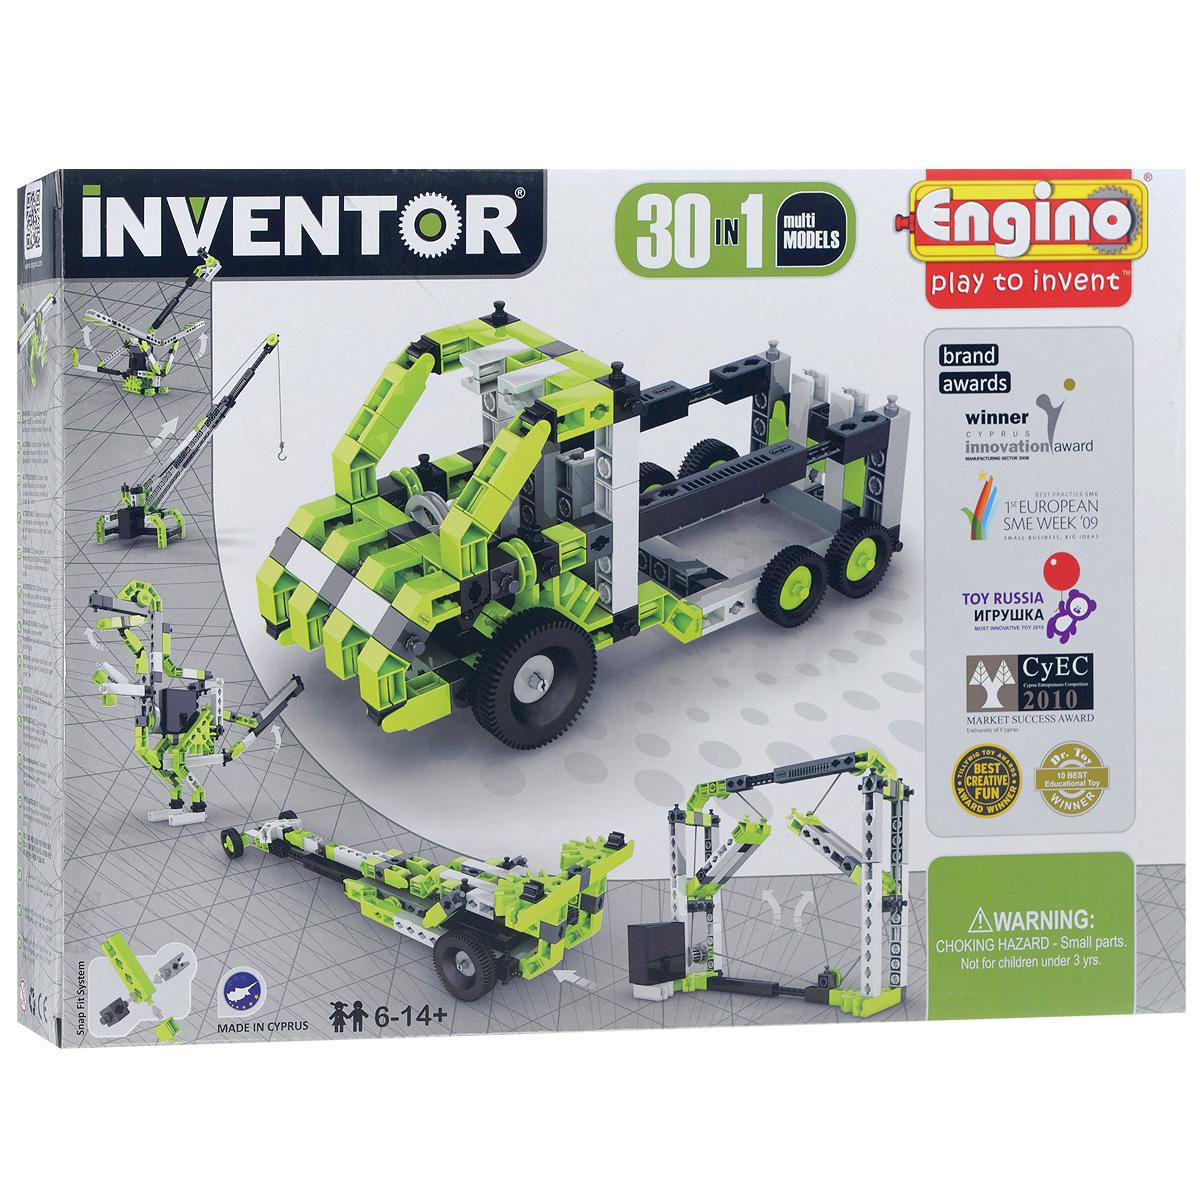 Конструктор Engino Inventor, 30 в 1, 120 элементов solar power машины engino